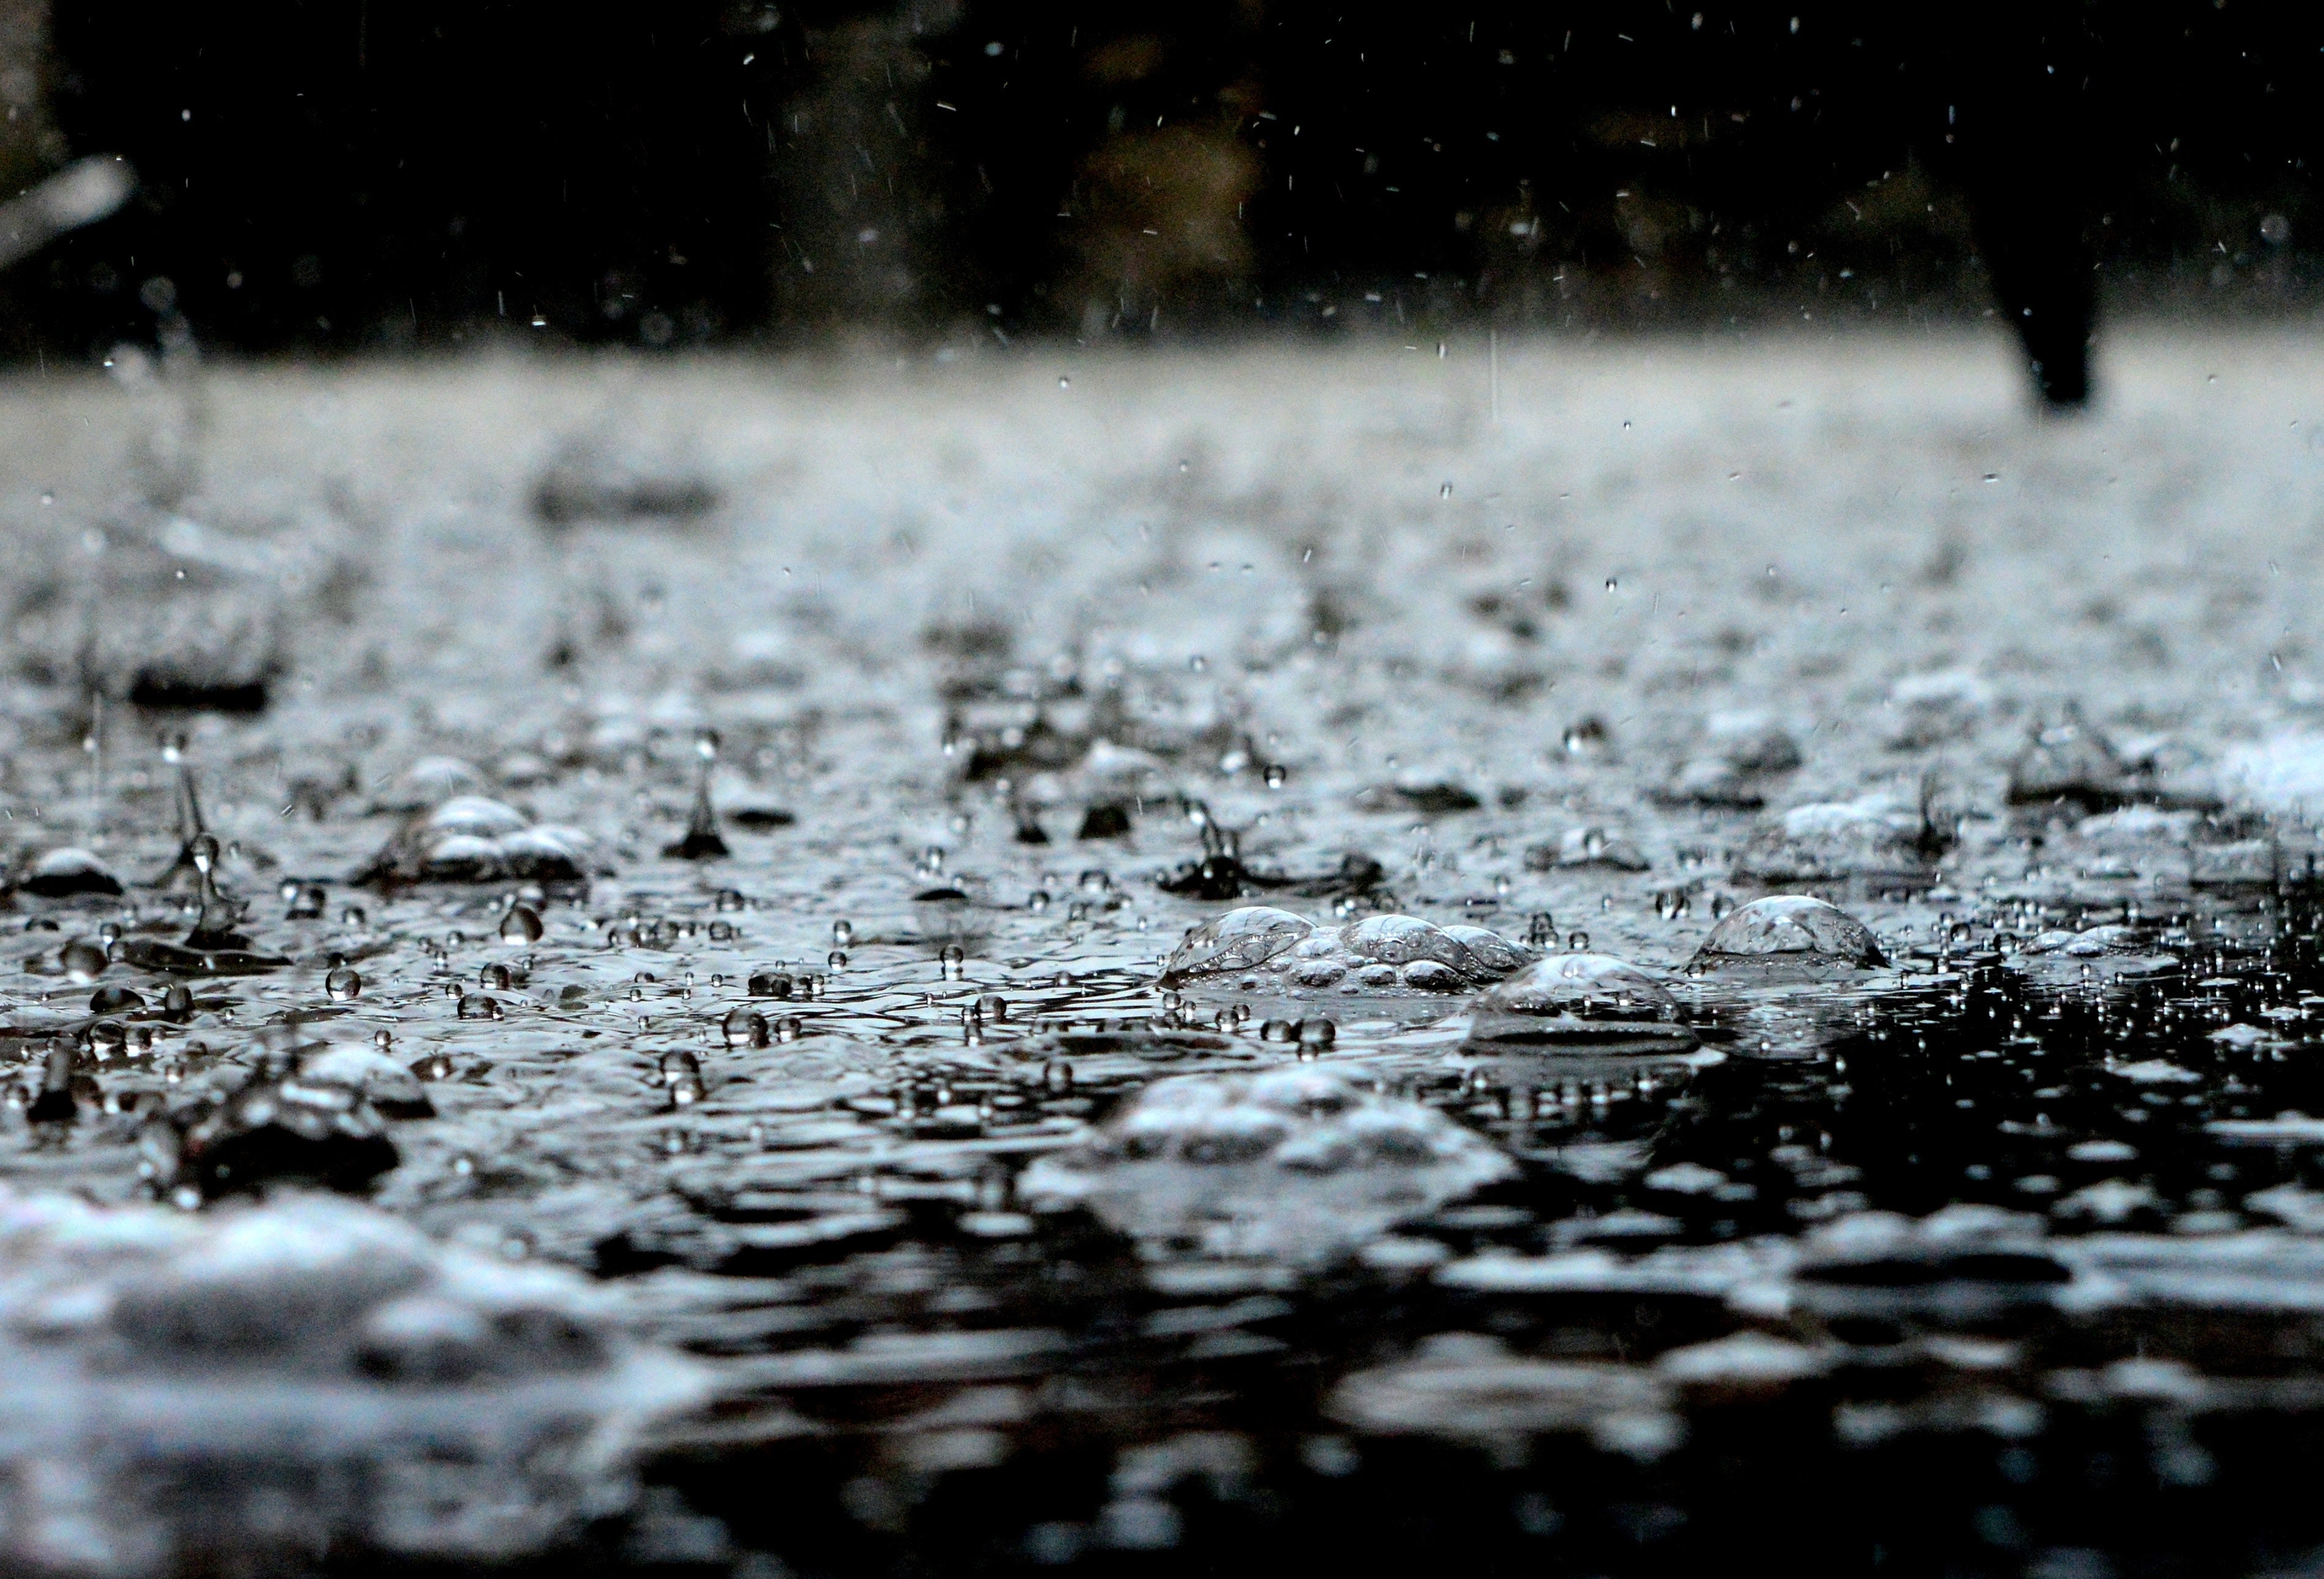 Καιρός: Νεφώσεις και βροχές στην μισή Ελλάδα